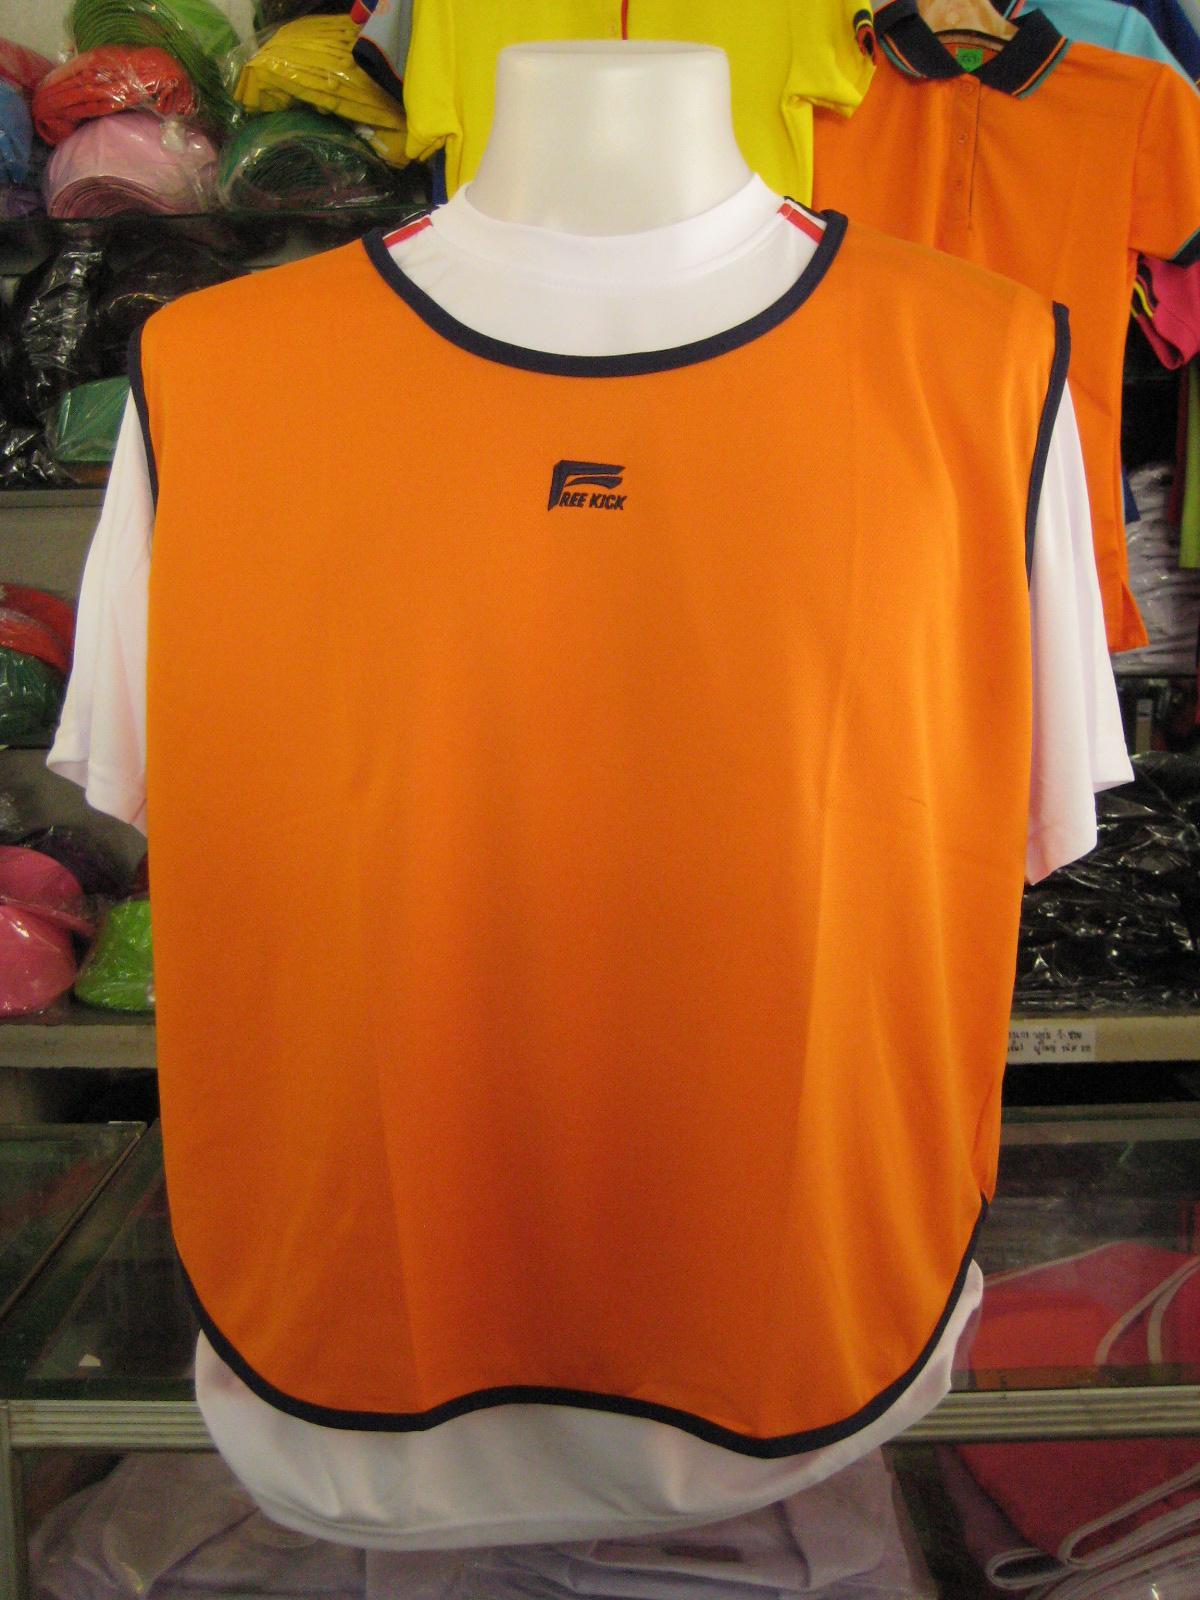 เสื้อคลุมกีฬา (เอี๊ยมกีฬา) - เสื้อเกราะอ่อน - เสื้อตัวสำรอง